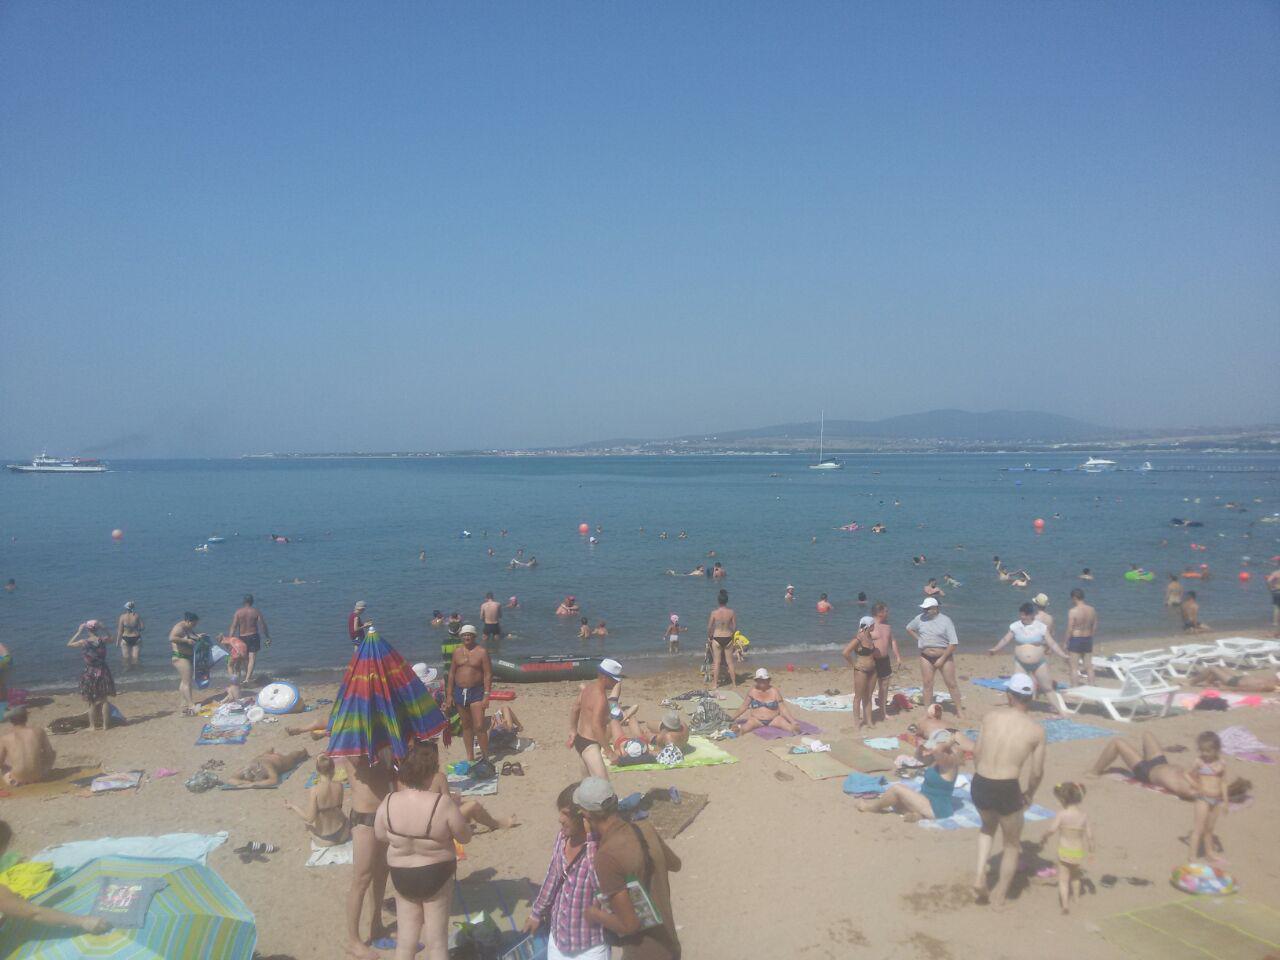 Центральный пляж Геленджика. Отели рядом, фото, видео, как 62